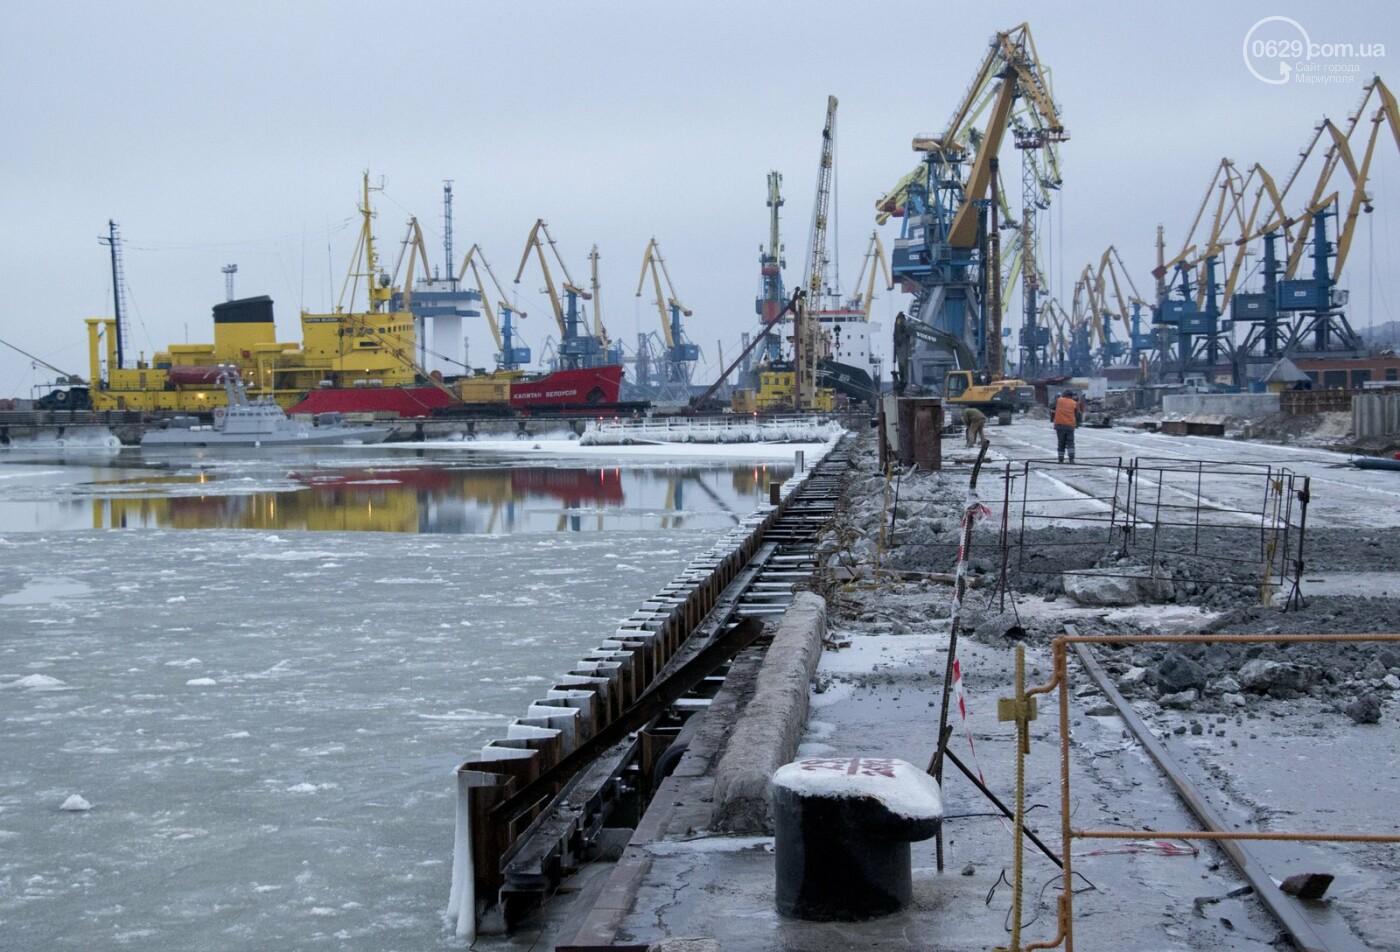 Из-за строительства Керченского моста и незаконной блокады порт Мариуполя потерял 6 миллиардов гривен, - ФОТО, фото-9